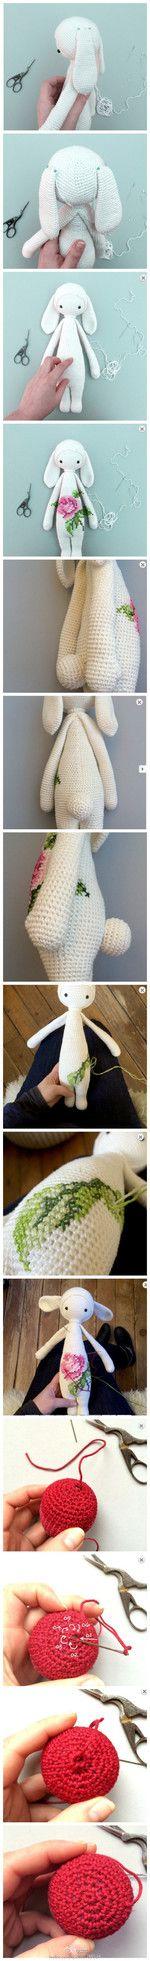 堆糖-美好生活研究所 Lalaloopsy, Crochet Gifts, Crochet Baby, Amigurumi Patterns, Bunny, Embroidery, Dolls, Sewing, Knitting